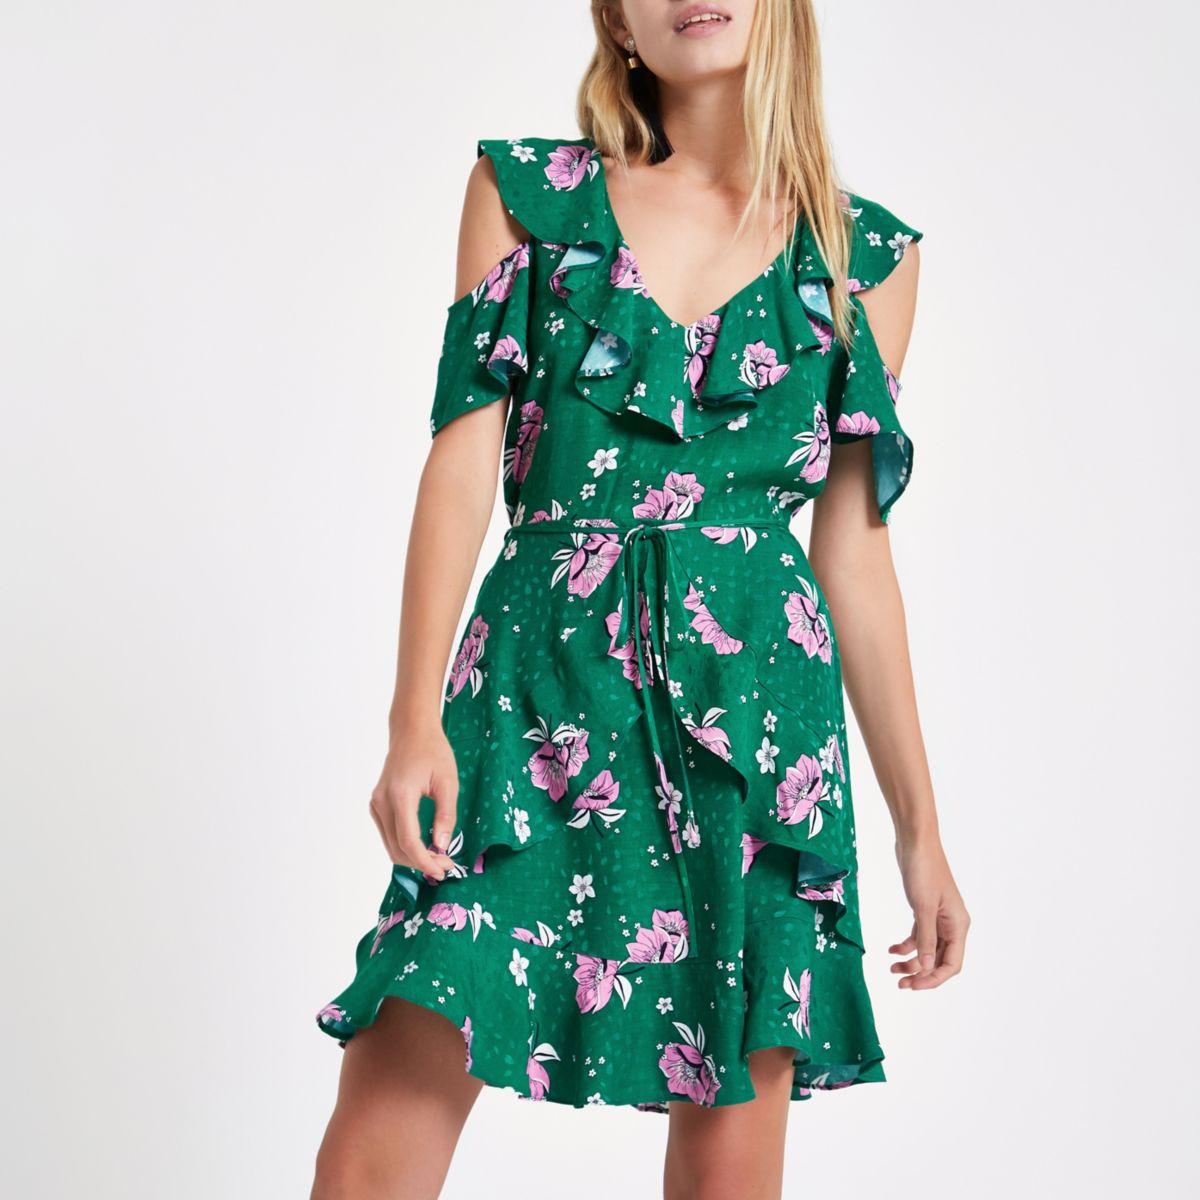 Green floral cold shoulder mini dress